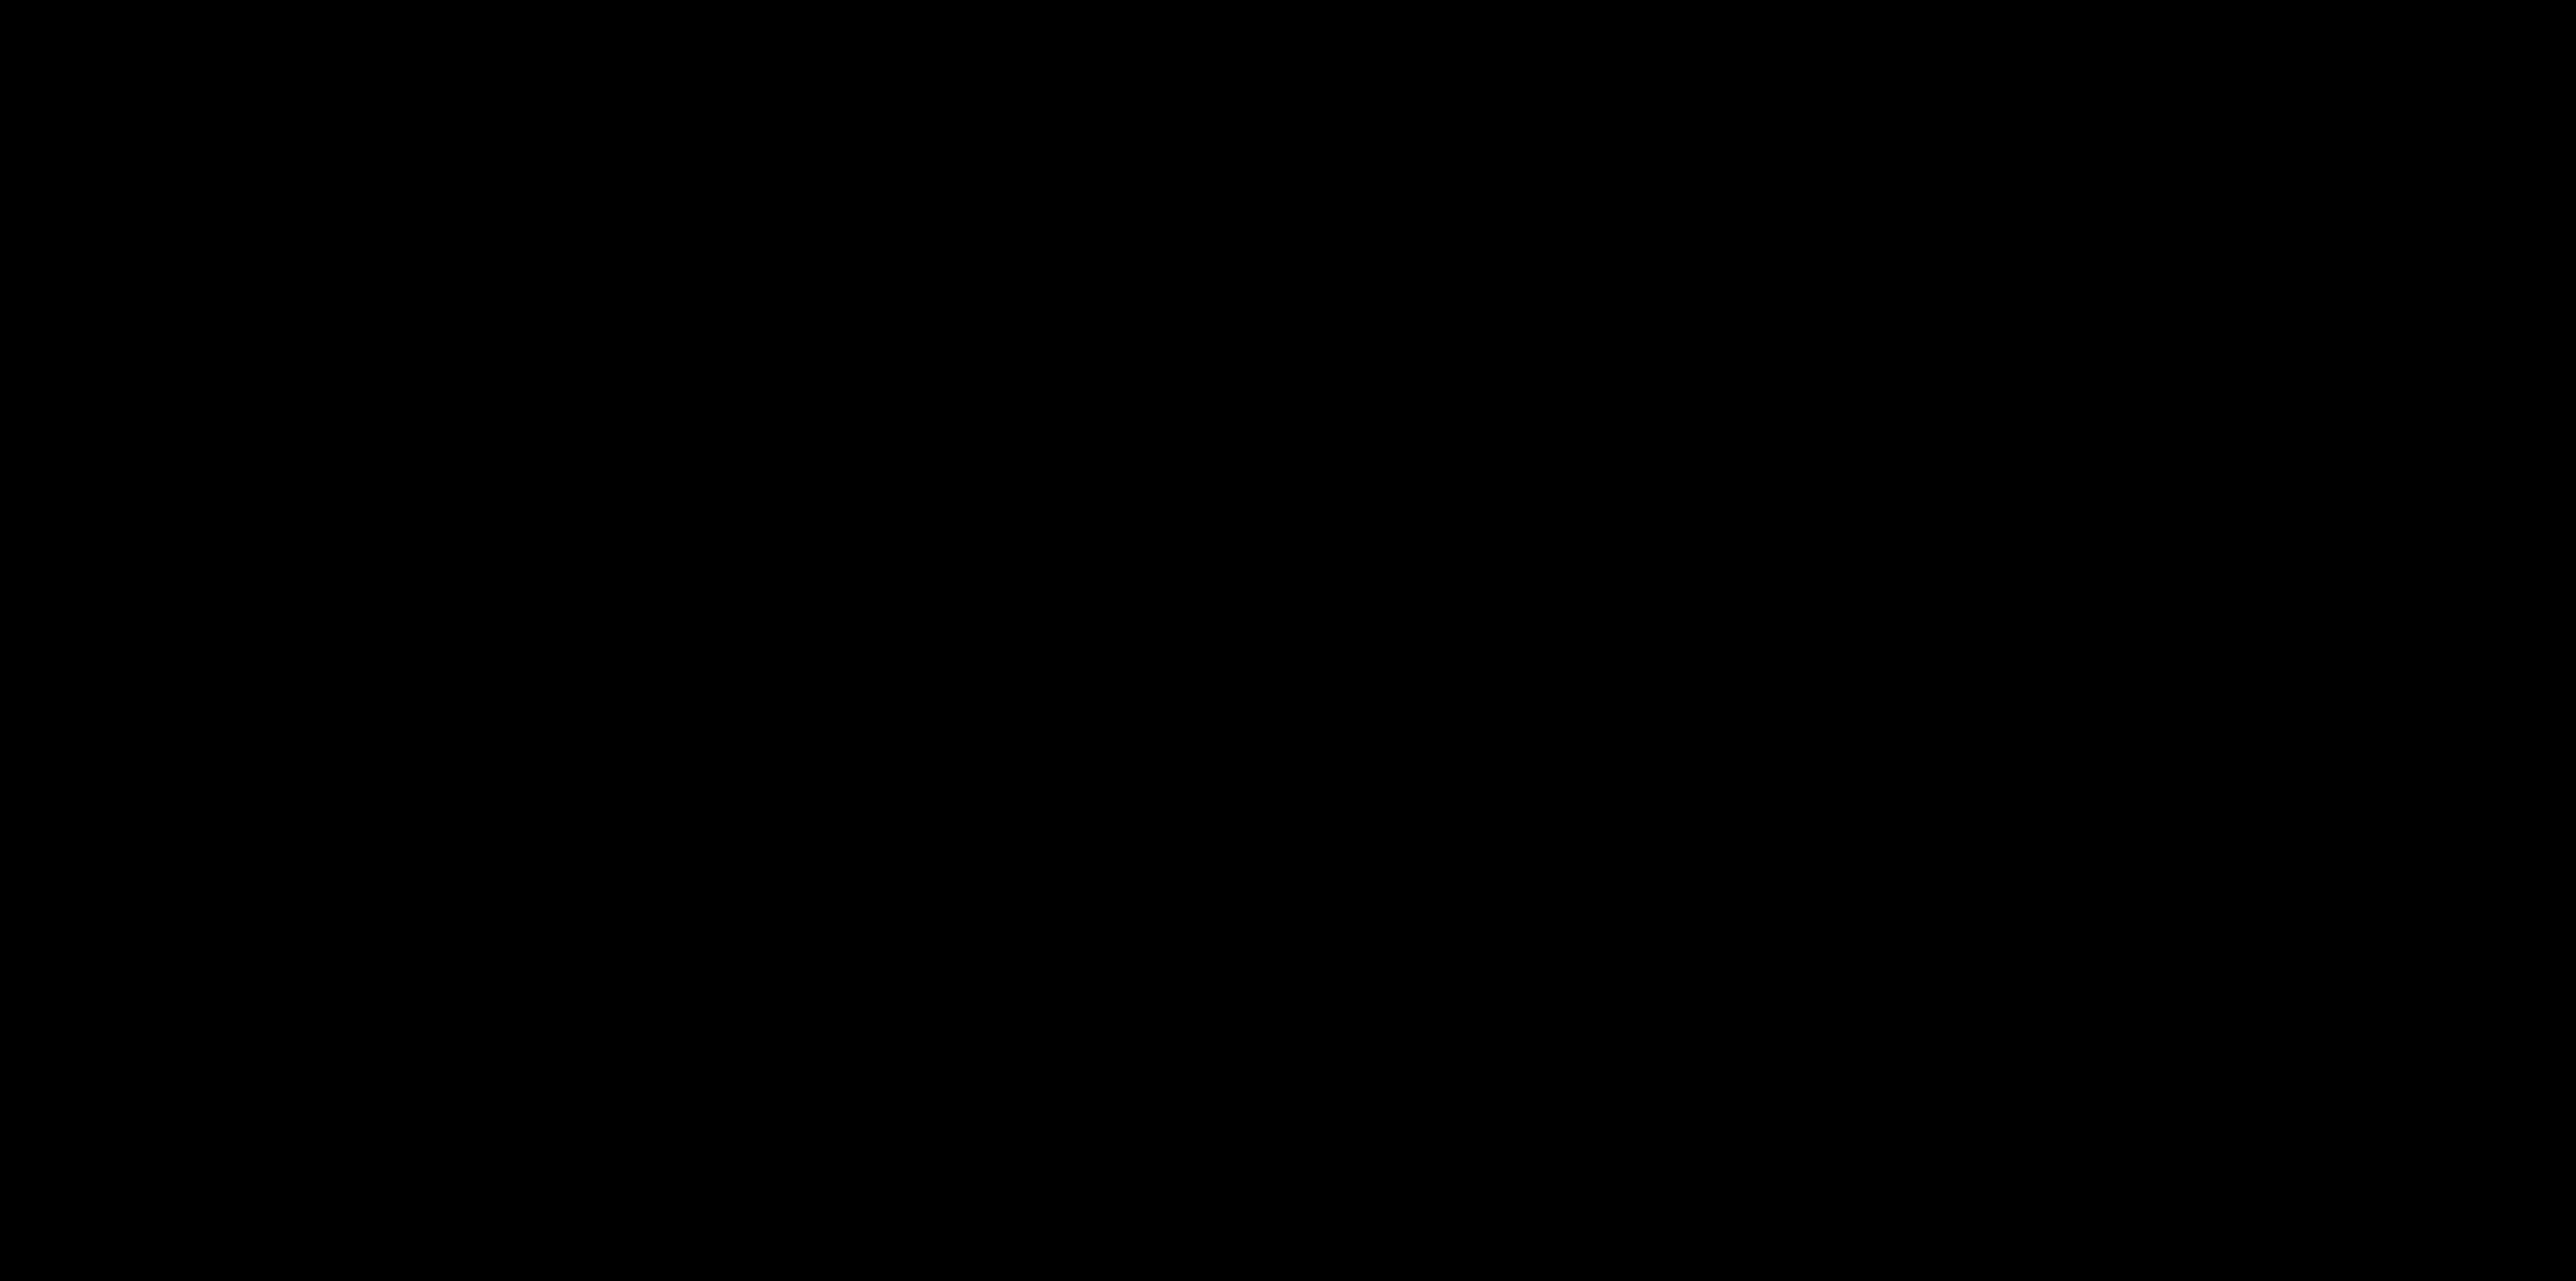 Glynns Skips - Tara Ladies Sponsor